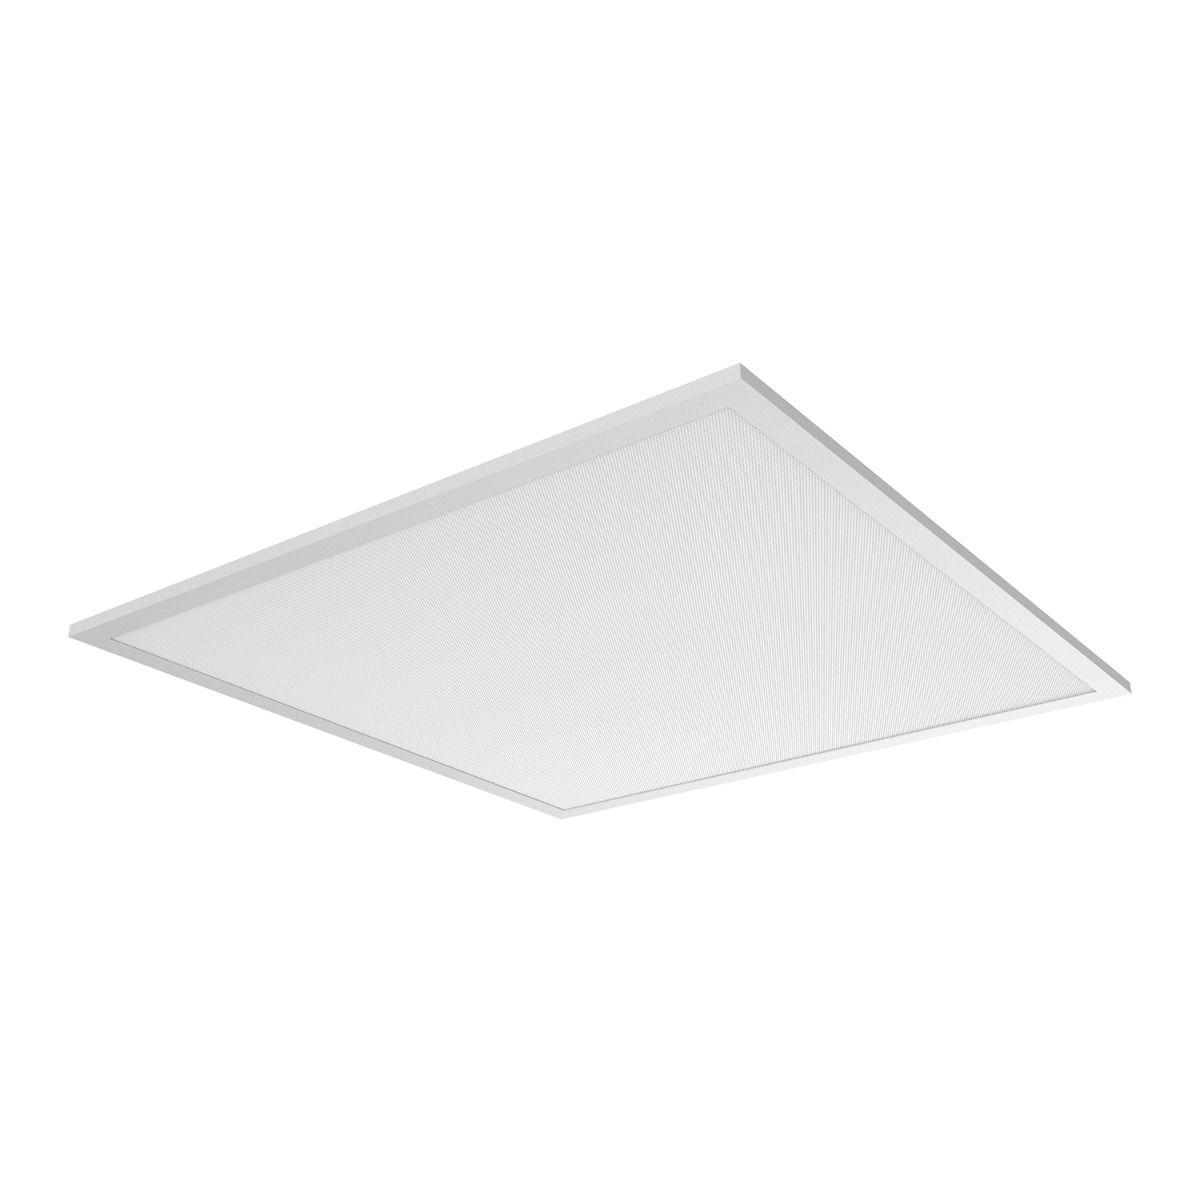 Noxion LED panel Delta Pro V3 Highlum 36W 4000K 5500lm 60x60cm UGR <19 | kold hvid - erstatter 4x18W